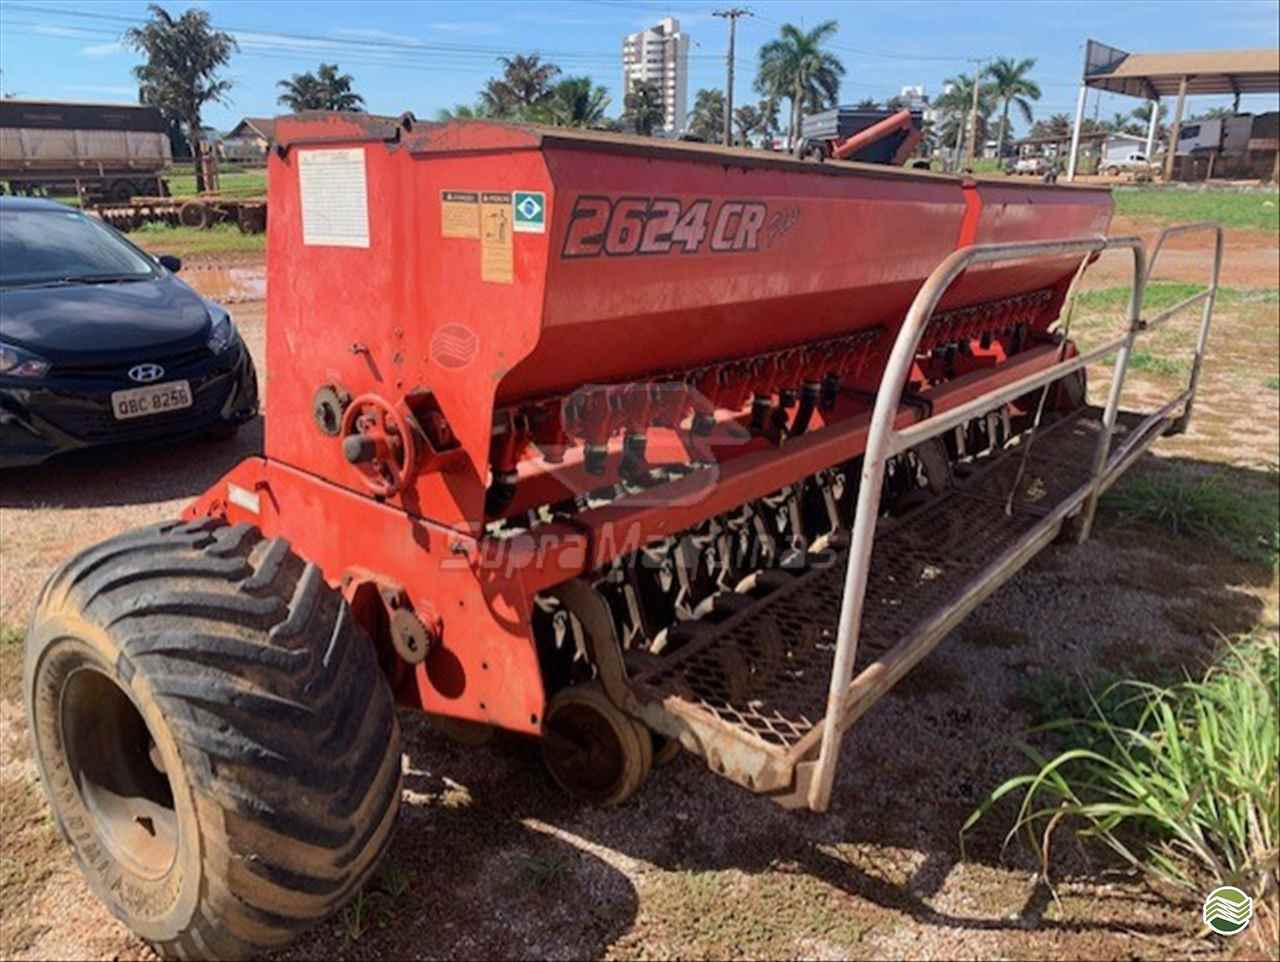 SEMEADEIRA JUMIL JM 2611 Supra Máquinas LUCAS DO RIO VERDE MATO GROSSO MT